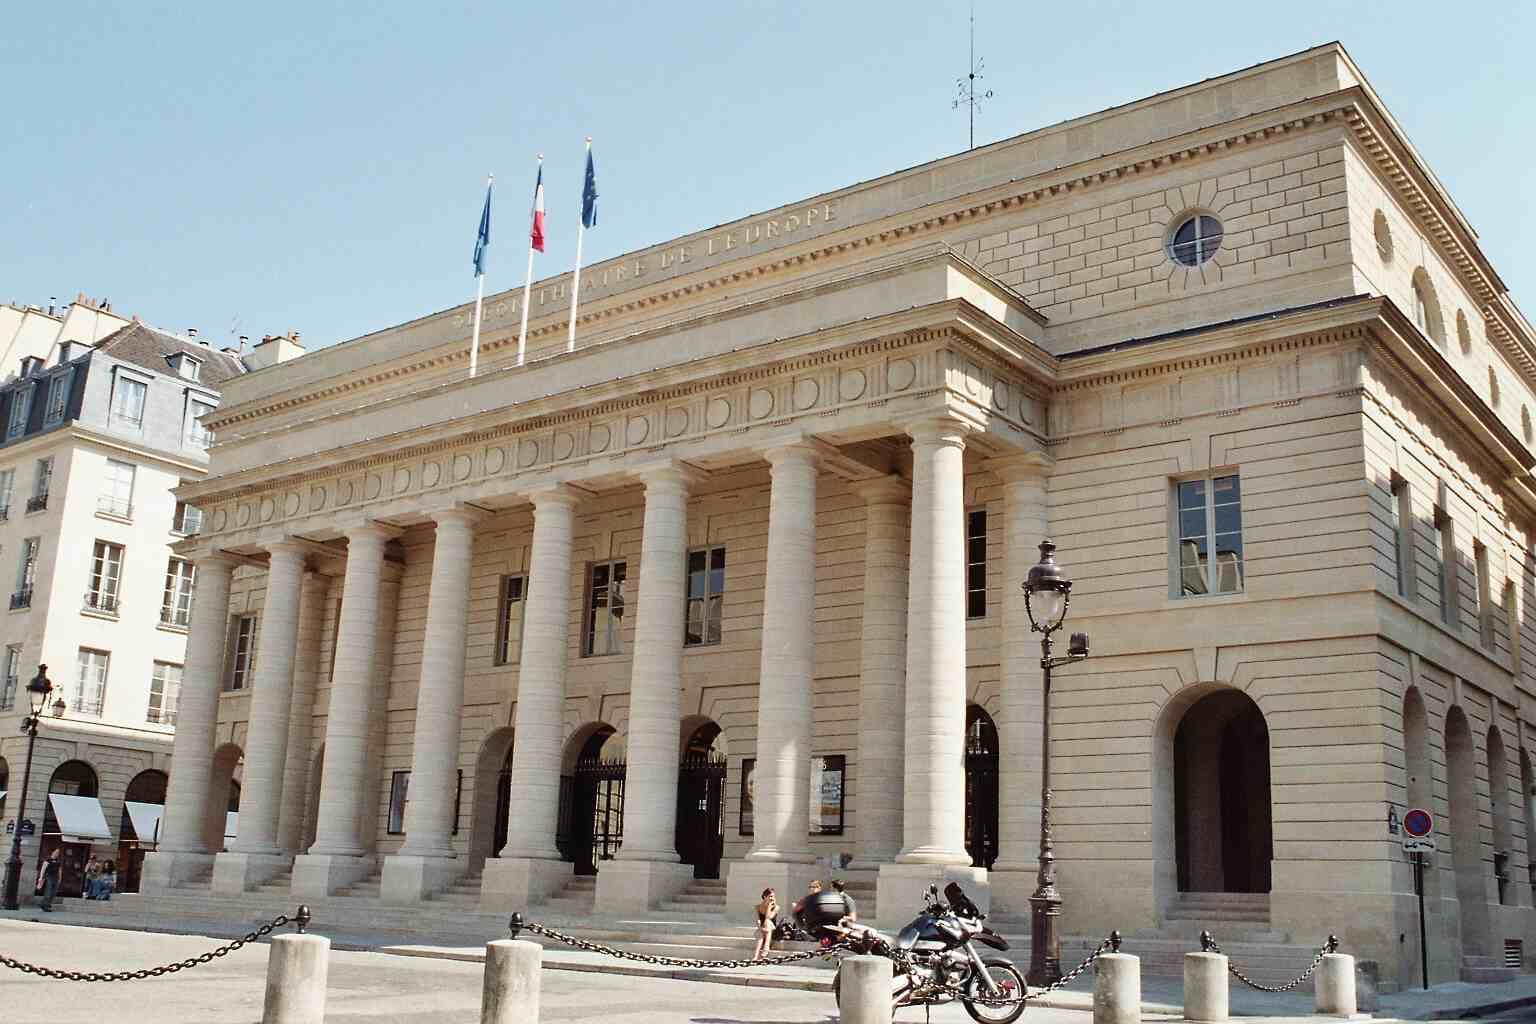 Théâtre de l'Odéon - Théâtre de l'Europe